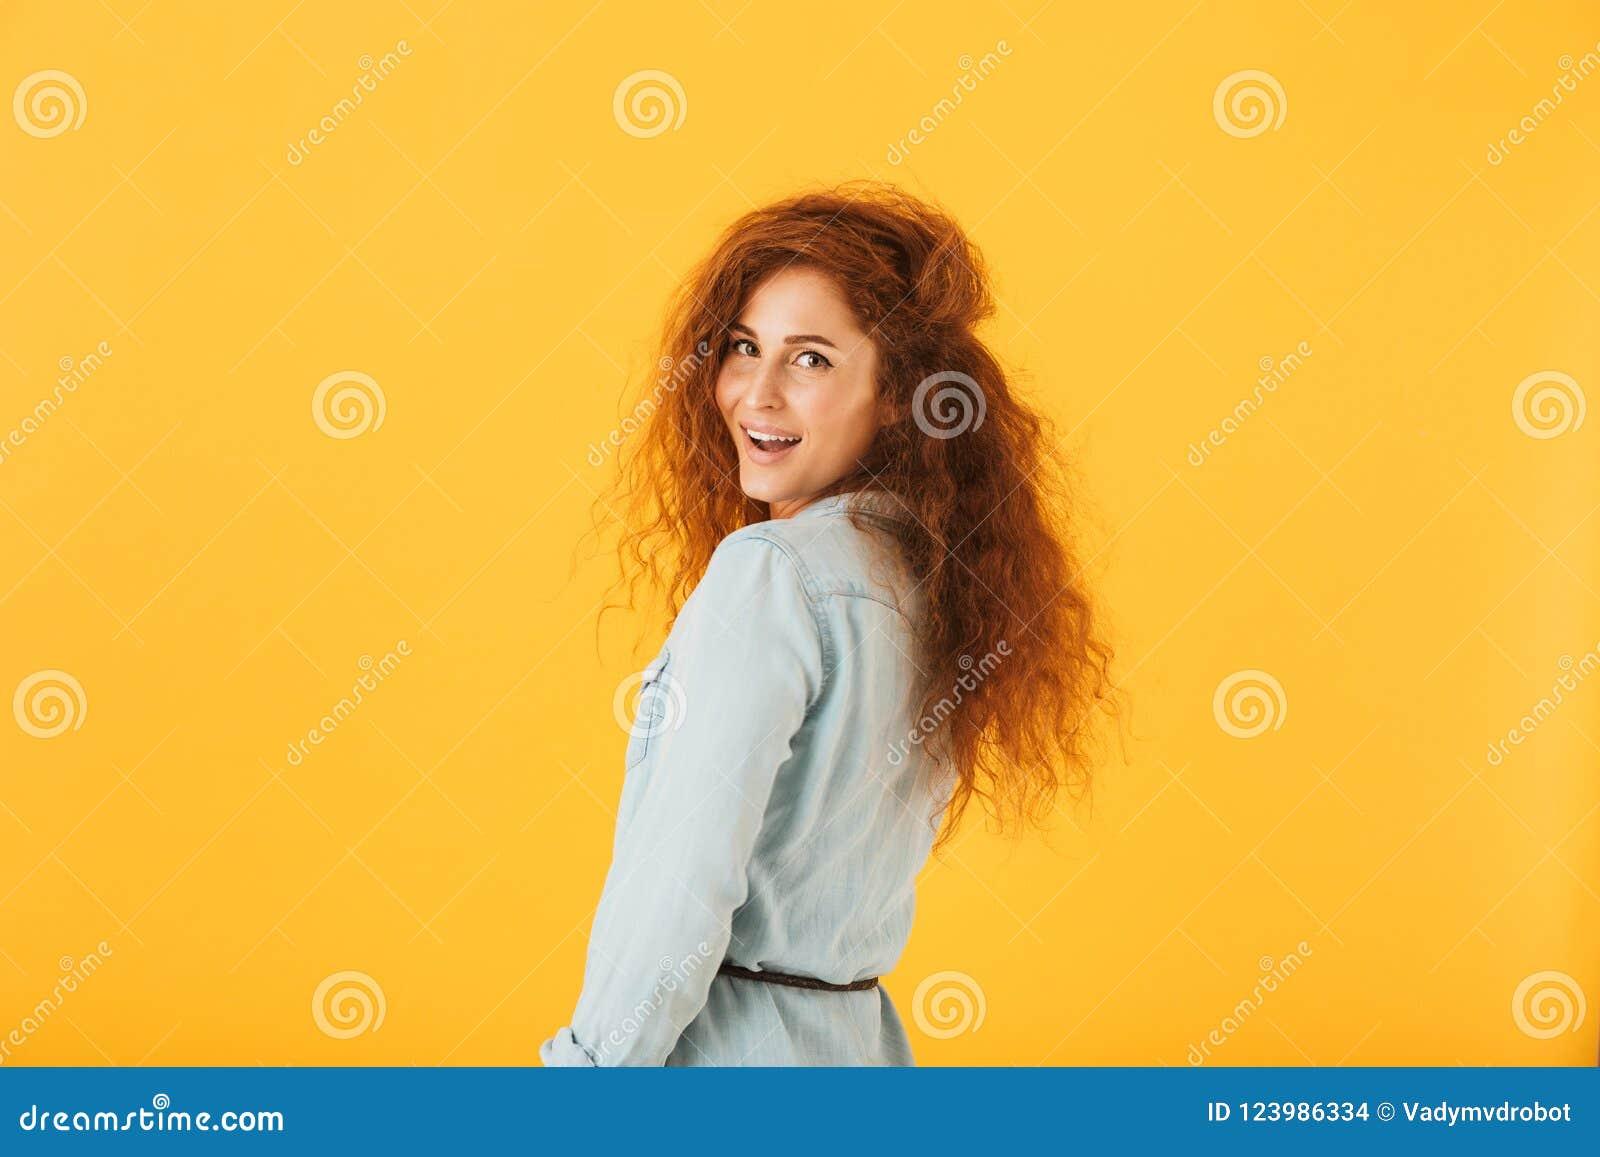 Retrato da jovem mulher bonita 20s com o cabelo encaracolado que sorri em